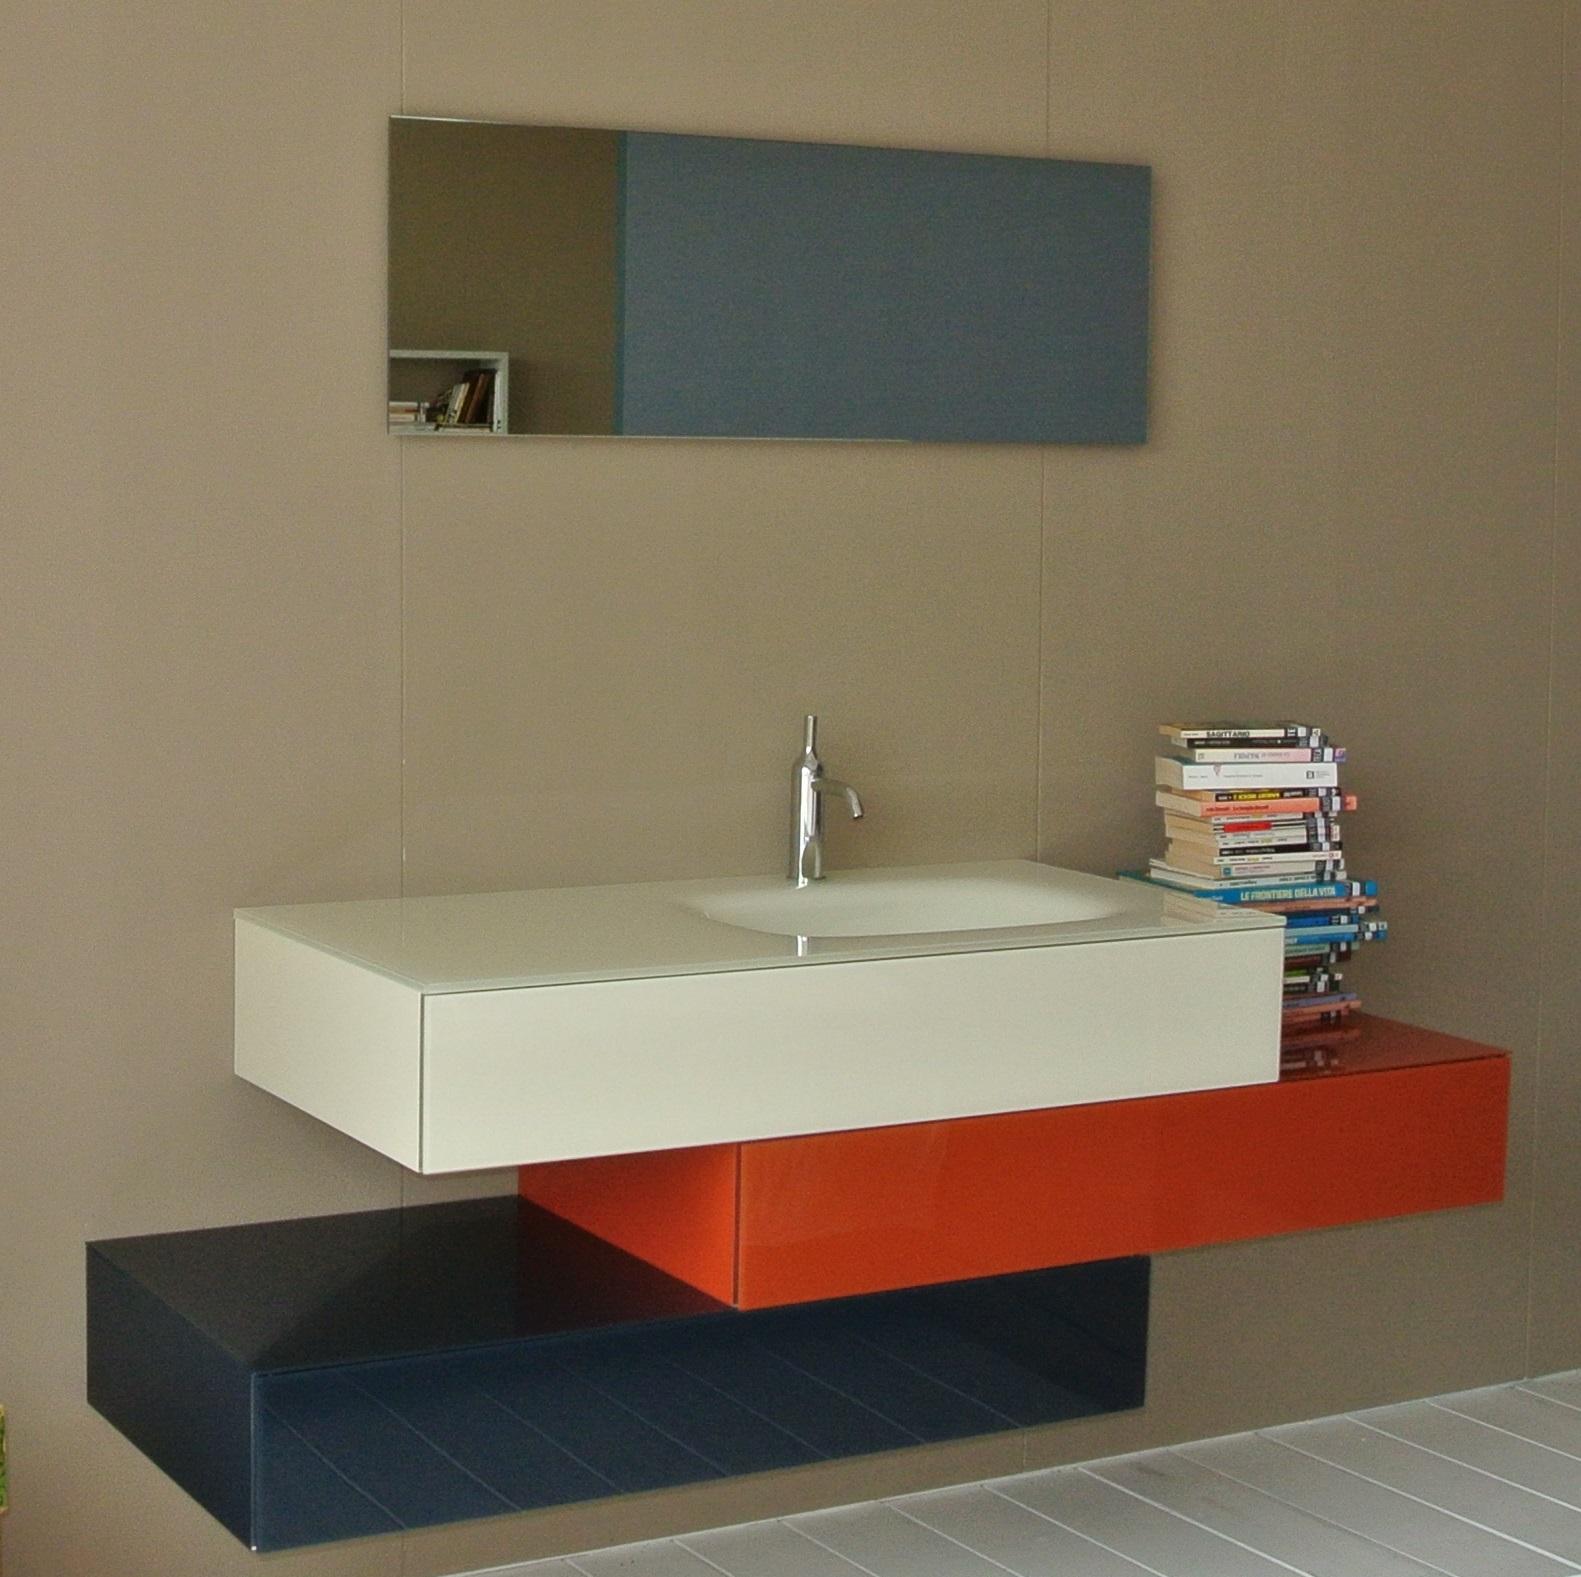 Mobili Design Occasione Mobili Bagno Dal Design Moderno ...